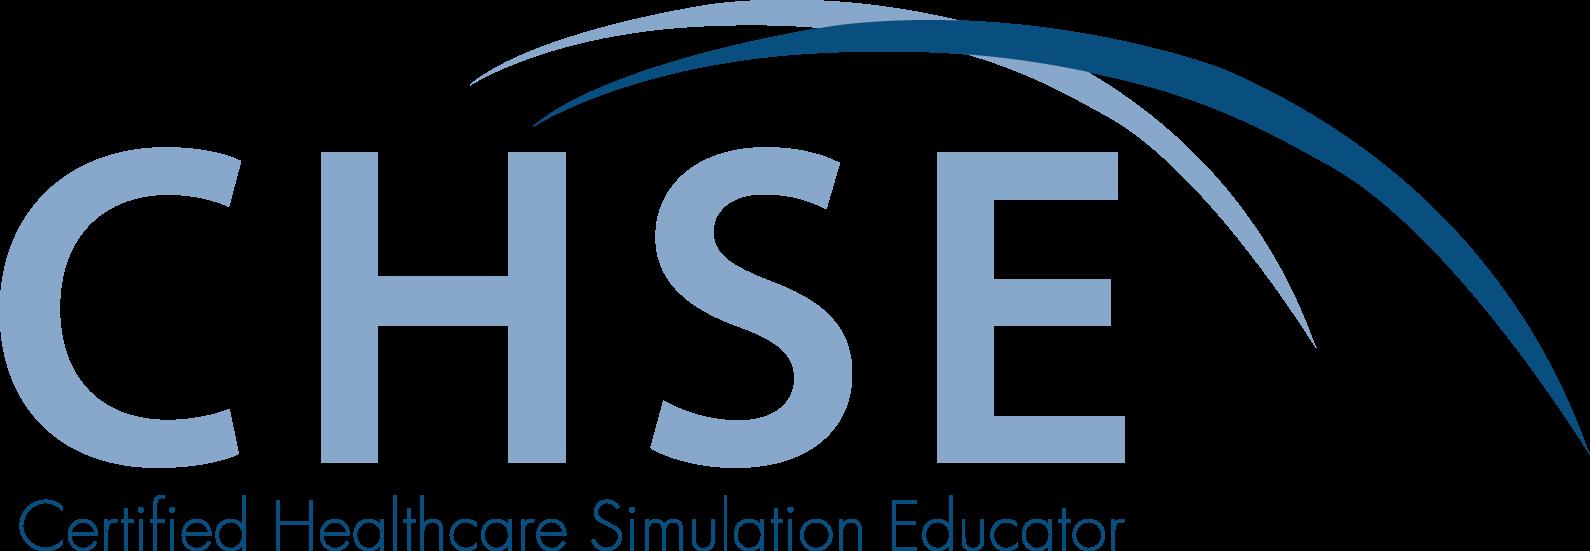 Certification Blueprint Review Courses